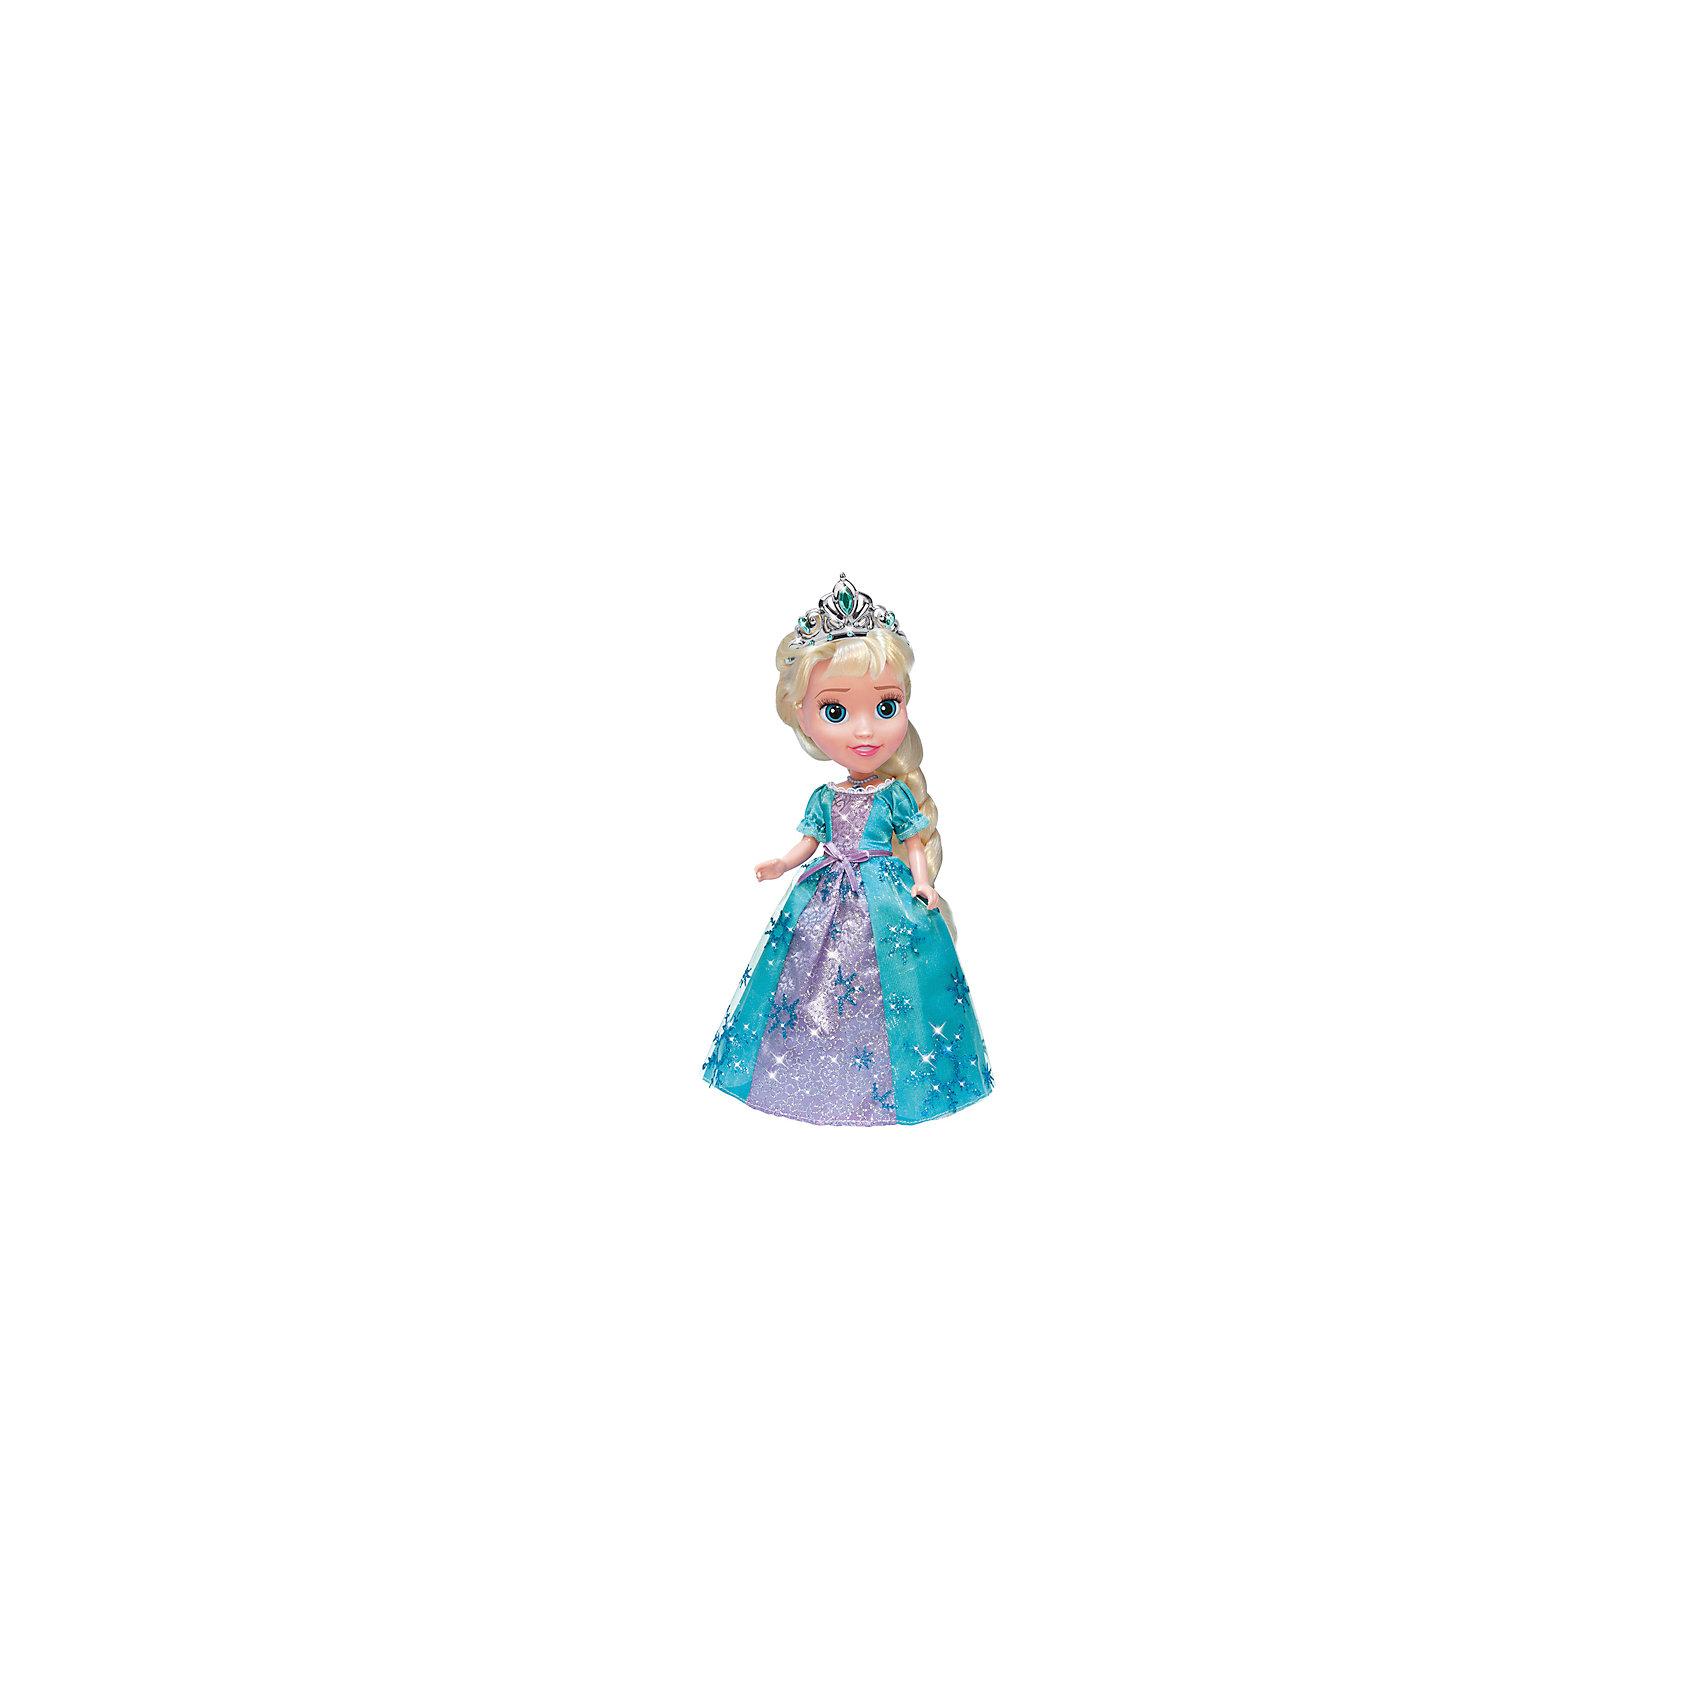 Кукла Эльза со светящимся амулетом, 25см, со звуком, Холодное сердце, КарапузБренды кукол<br>Кукла  Эльза, герой любимого мультфильма DISNEY 25  см. Кукла поет песенку из мультфильма . В комплект входят заколочки для волос.<br><br>Ширина мм: 90<br>Глубина мм: 170<br>Высота мм: 300<br>Вес г: 400<br>Возраст от месяцев: 36<br>Возраст до месяцев: 84<br>Пол: Женский<br>Возраст: Детский<br>SKU: 5420411